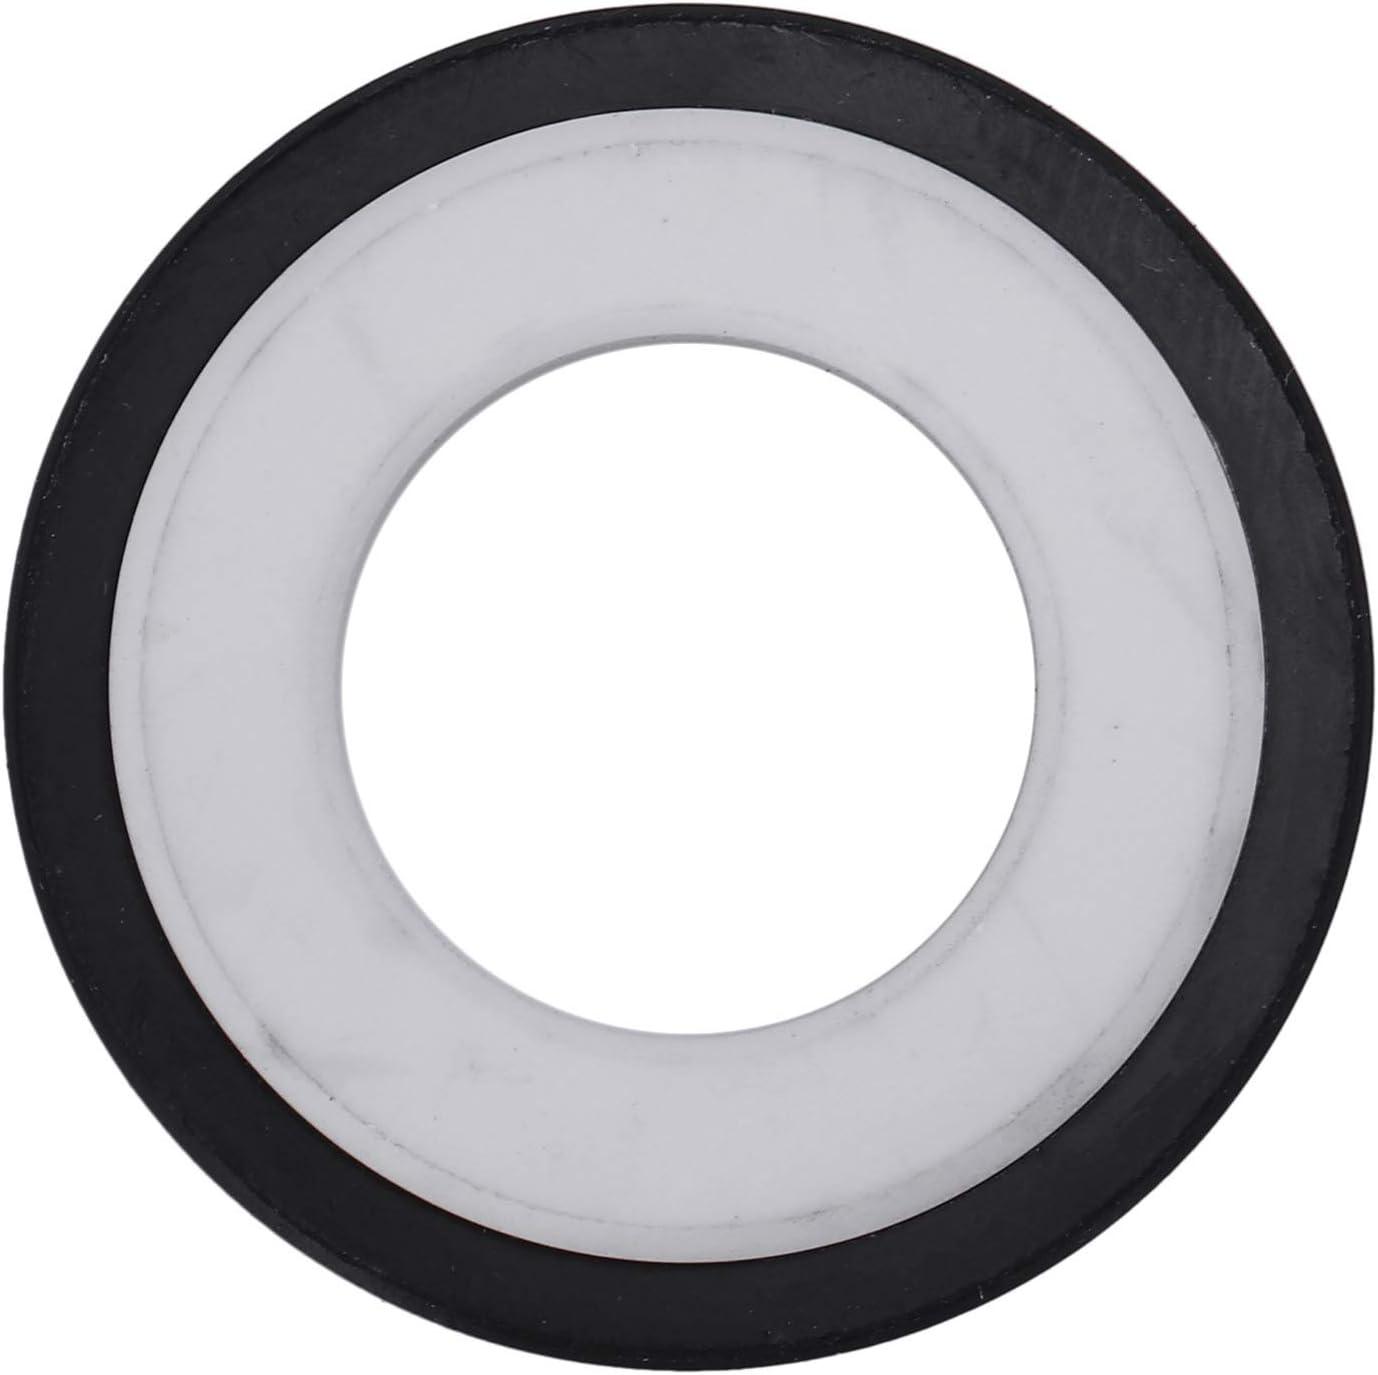 Bigpea Bigpea R 14mm Spiralfeder Gummibalg Pump Gleitringdichtung 301-12